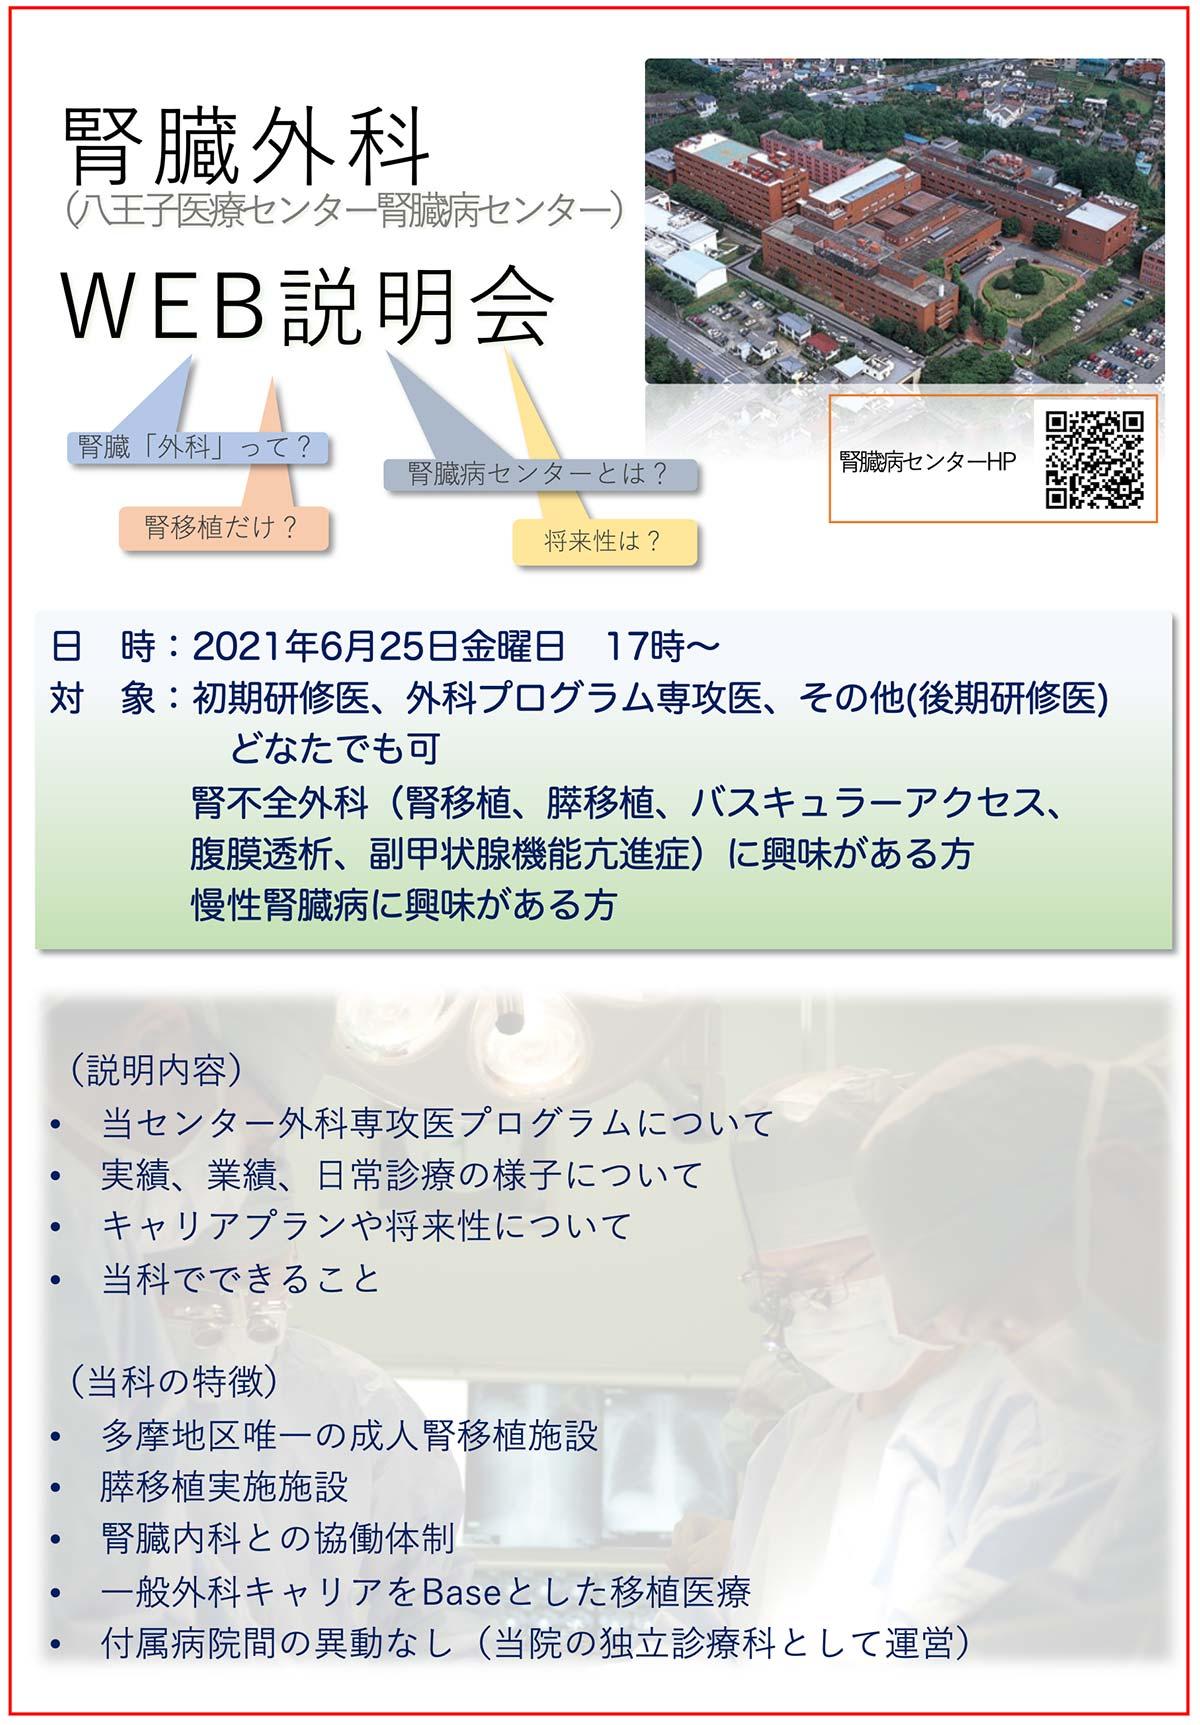 腎臓外科 WEB説明会(2021年6月25日)のお知らせ